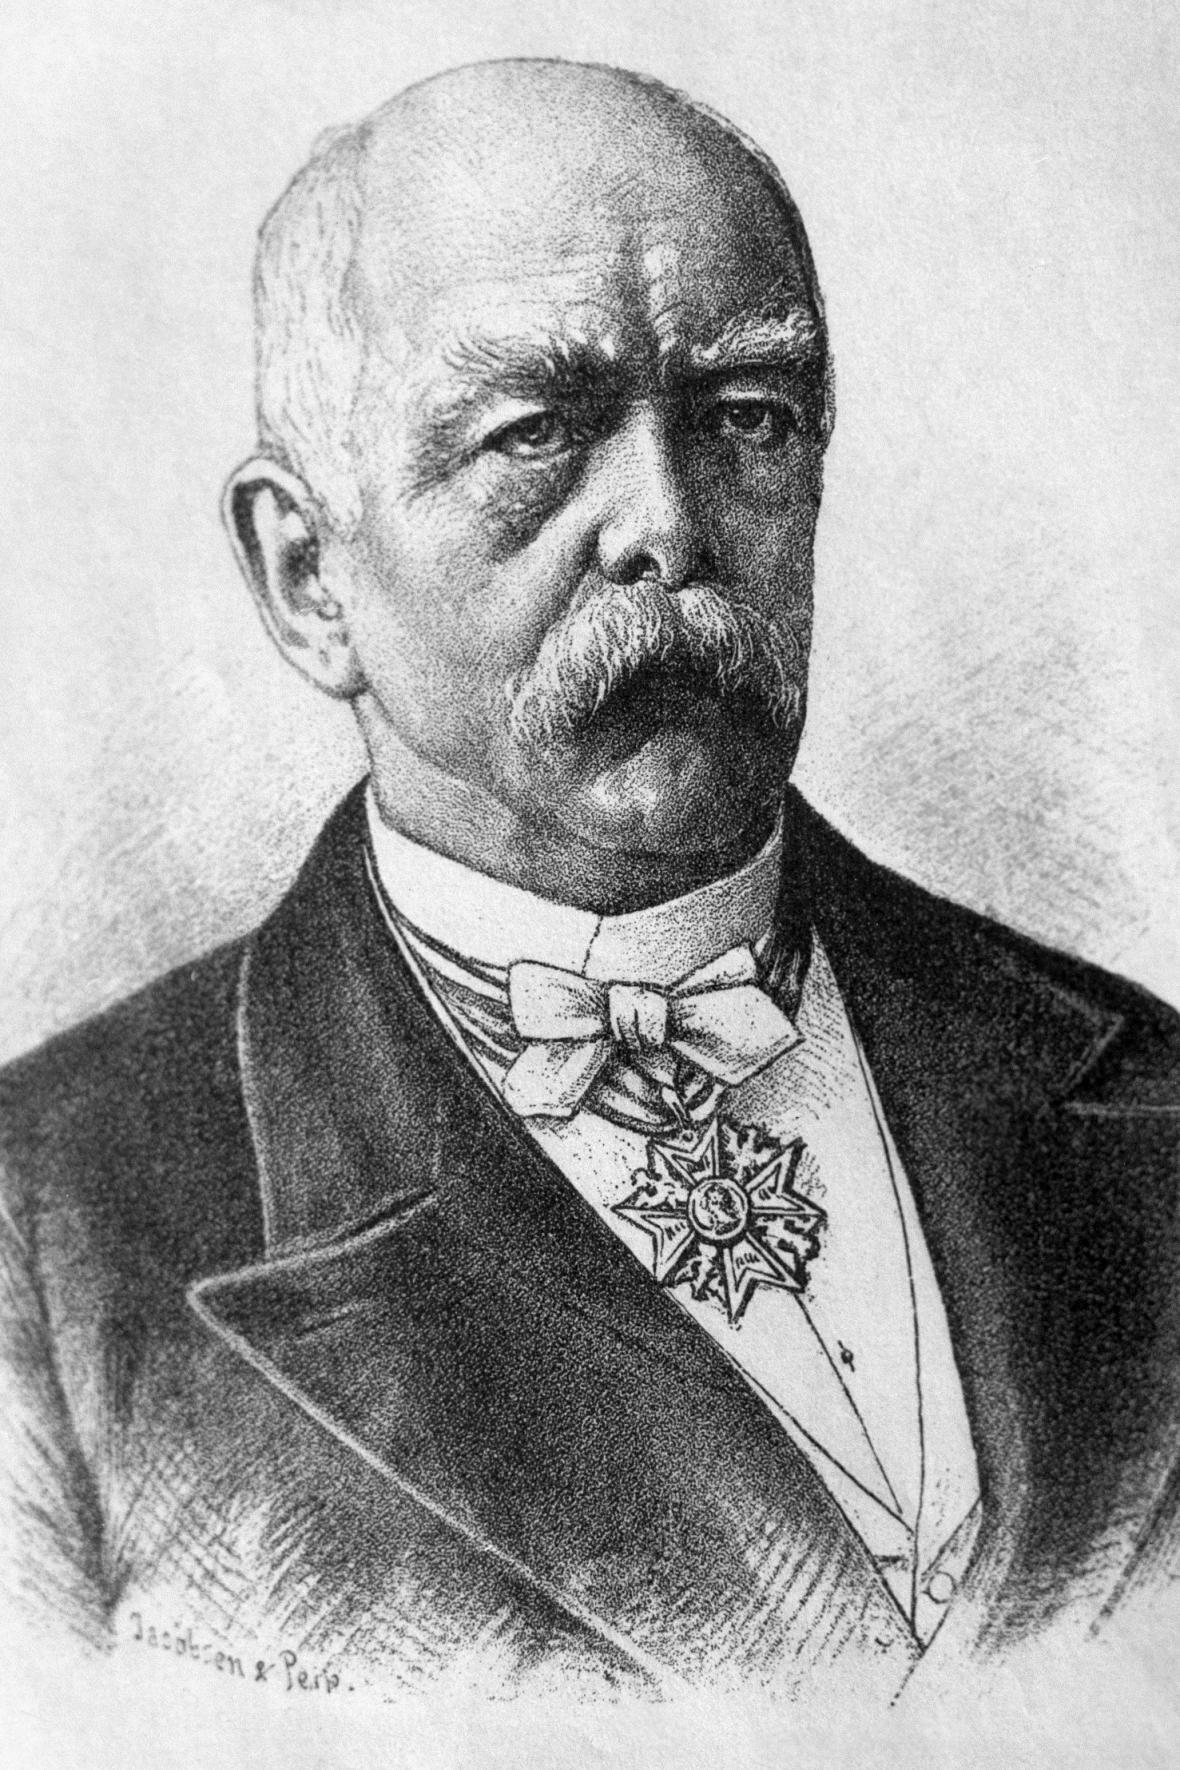 Německý kancléř Otto von Bismarck